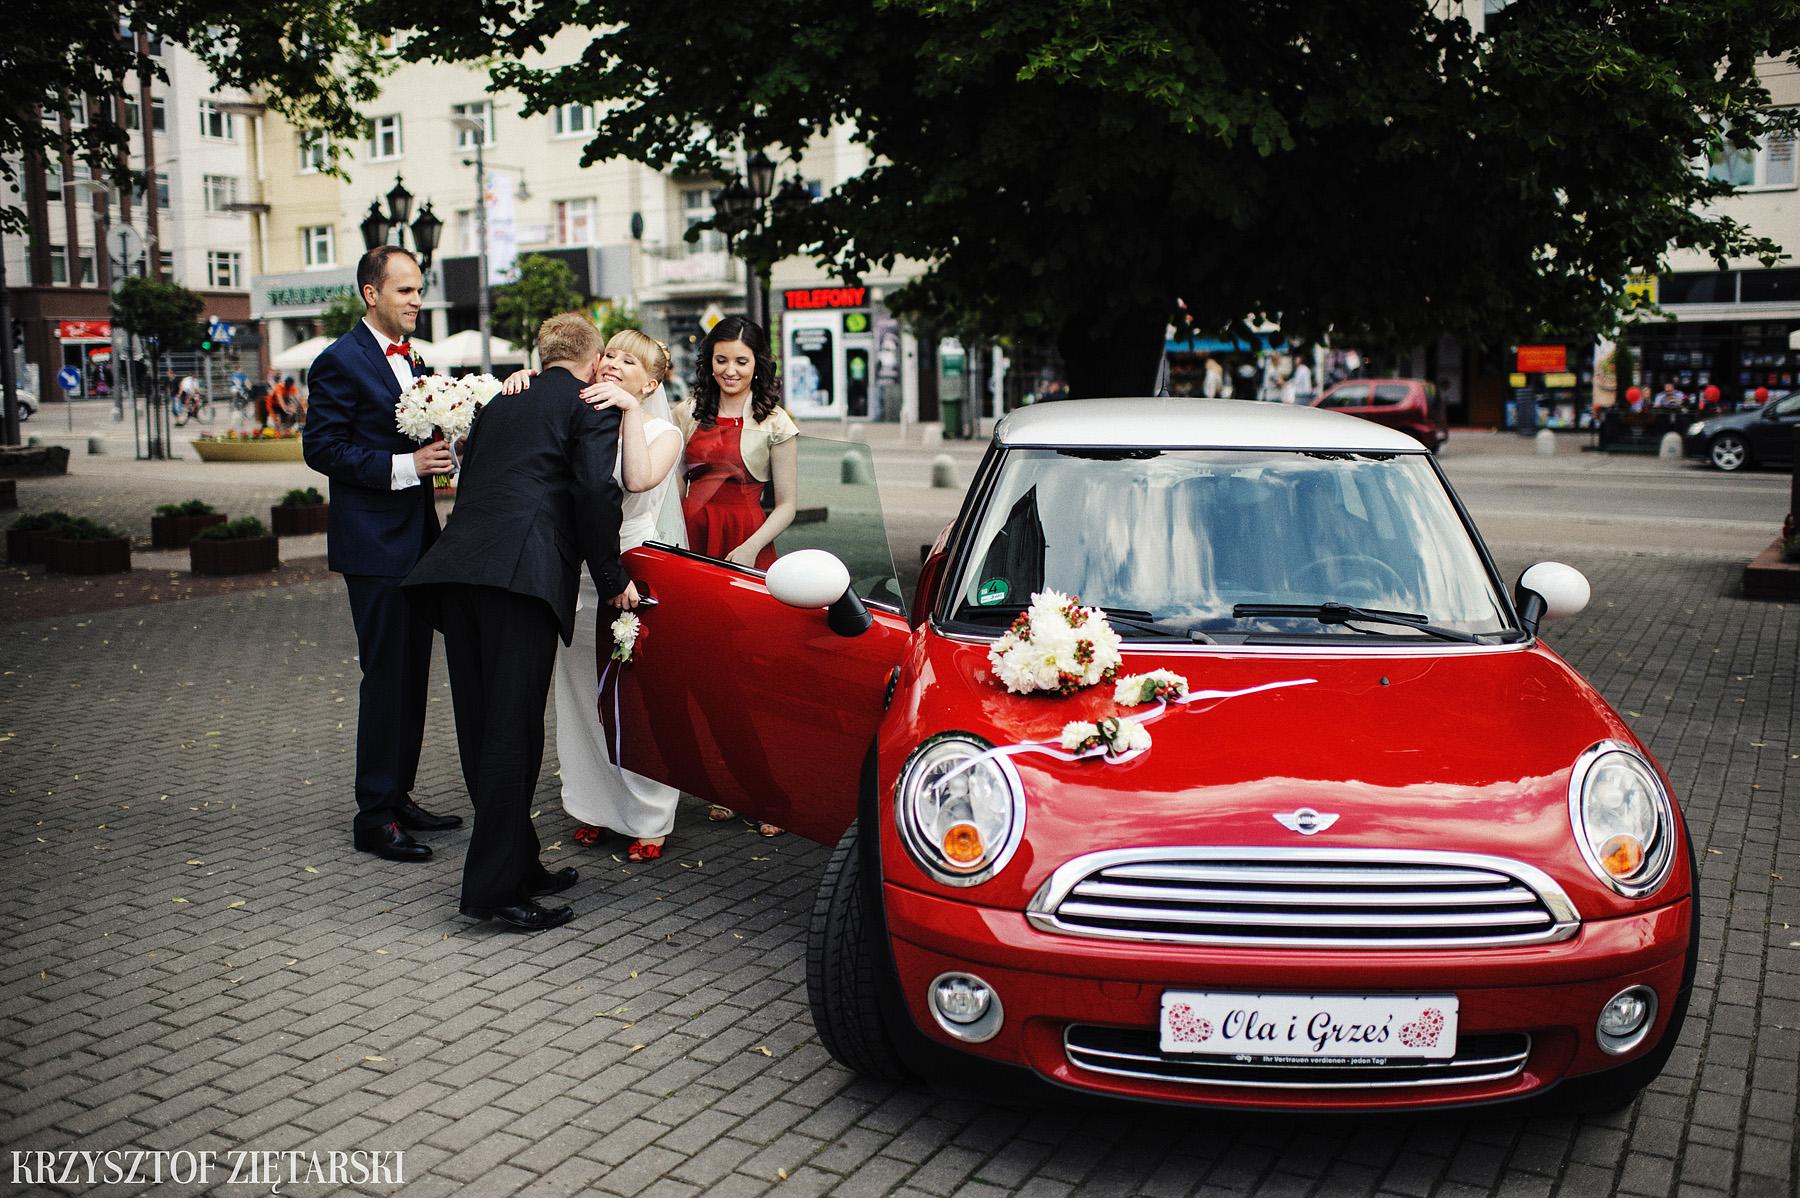 Ola i Grzegorz - Fotografia ślubna Gdynia, Kolegiata NMP, wesele restauracja COCO, plener na Darze Pomorza - 14.